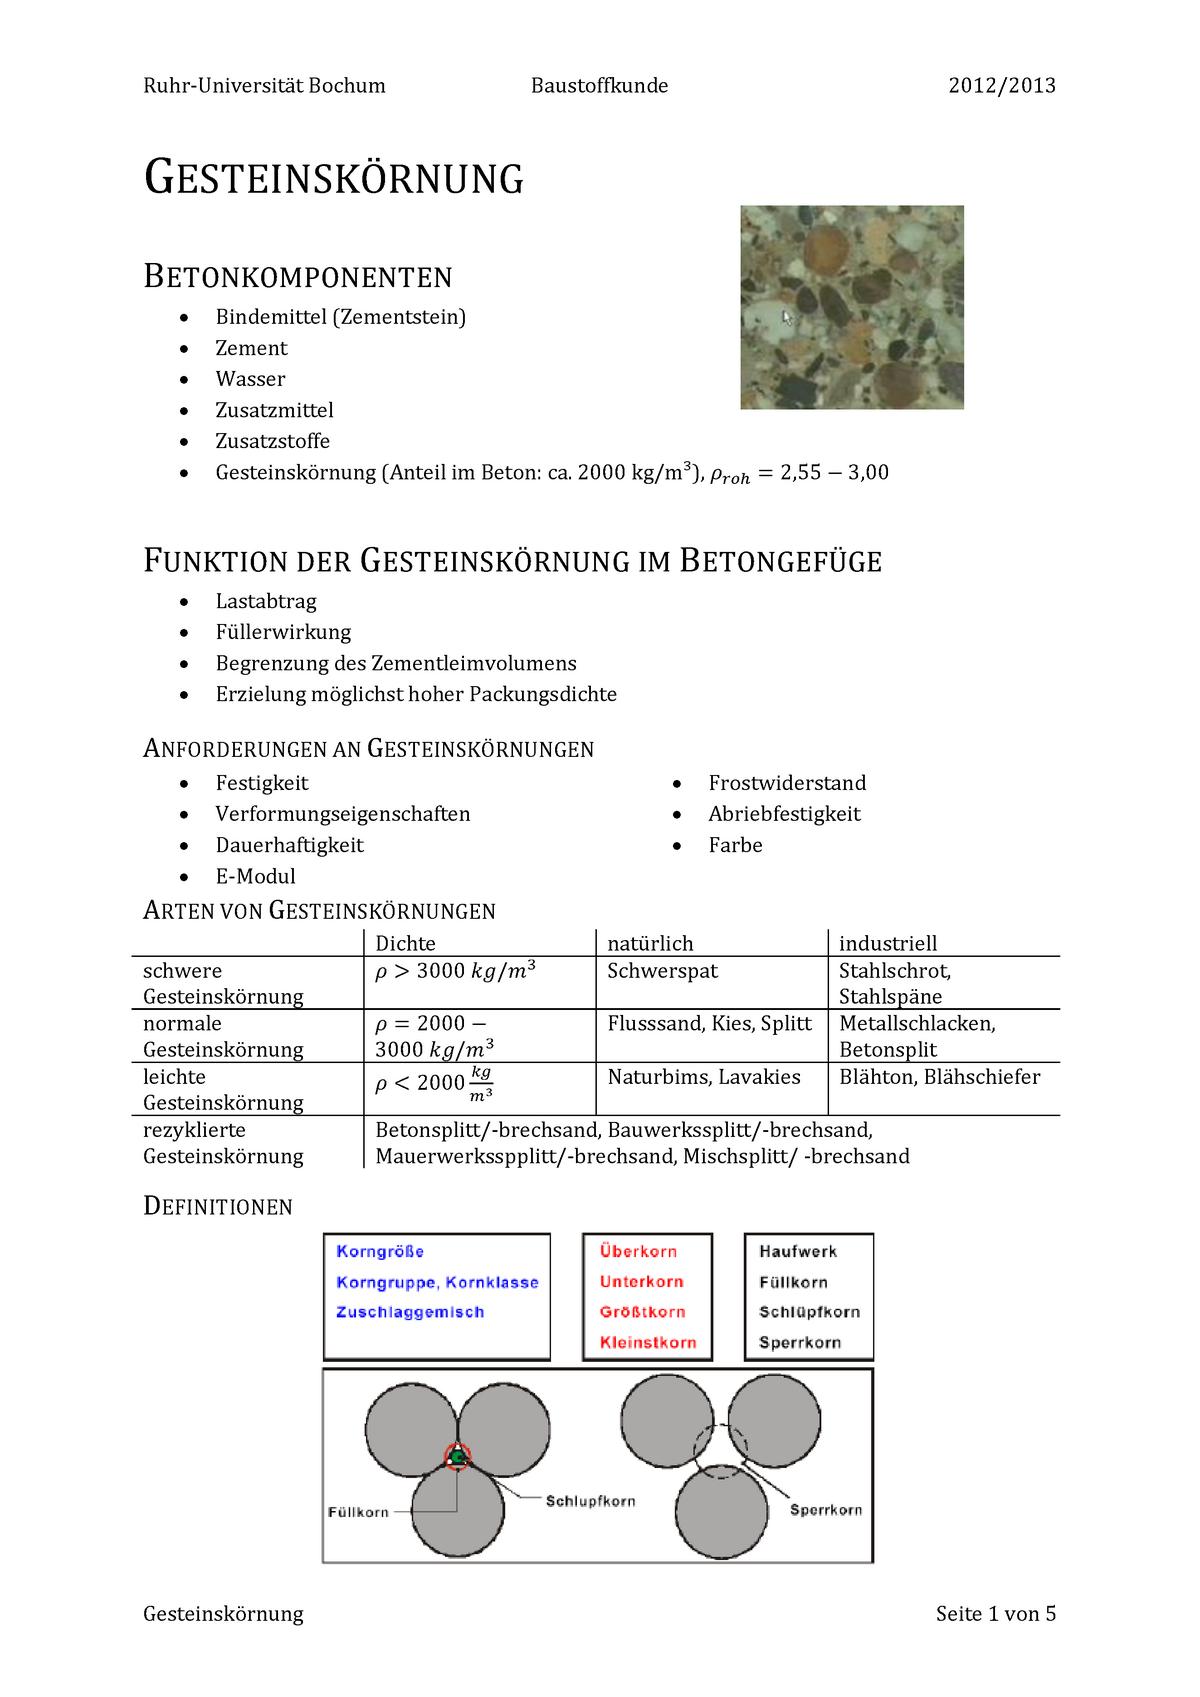 Bekannt Zusammenfassung Gesteinskörnung - Baustofftechnik I 123002 - StuDocu YR76